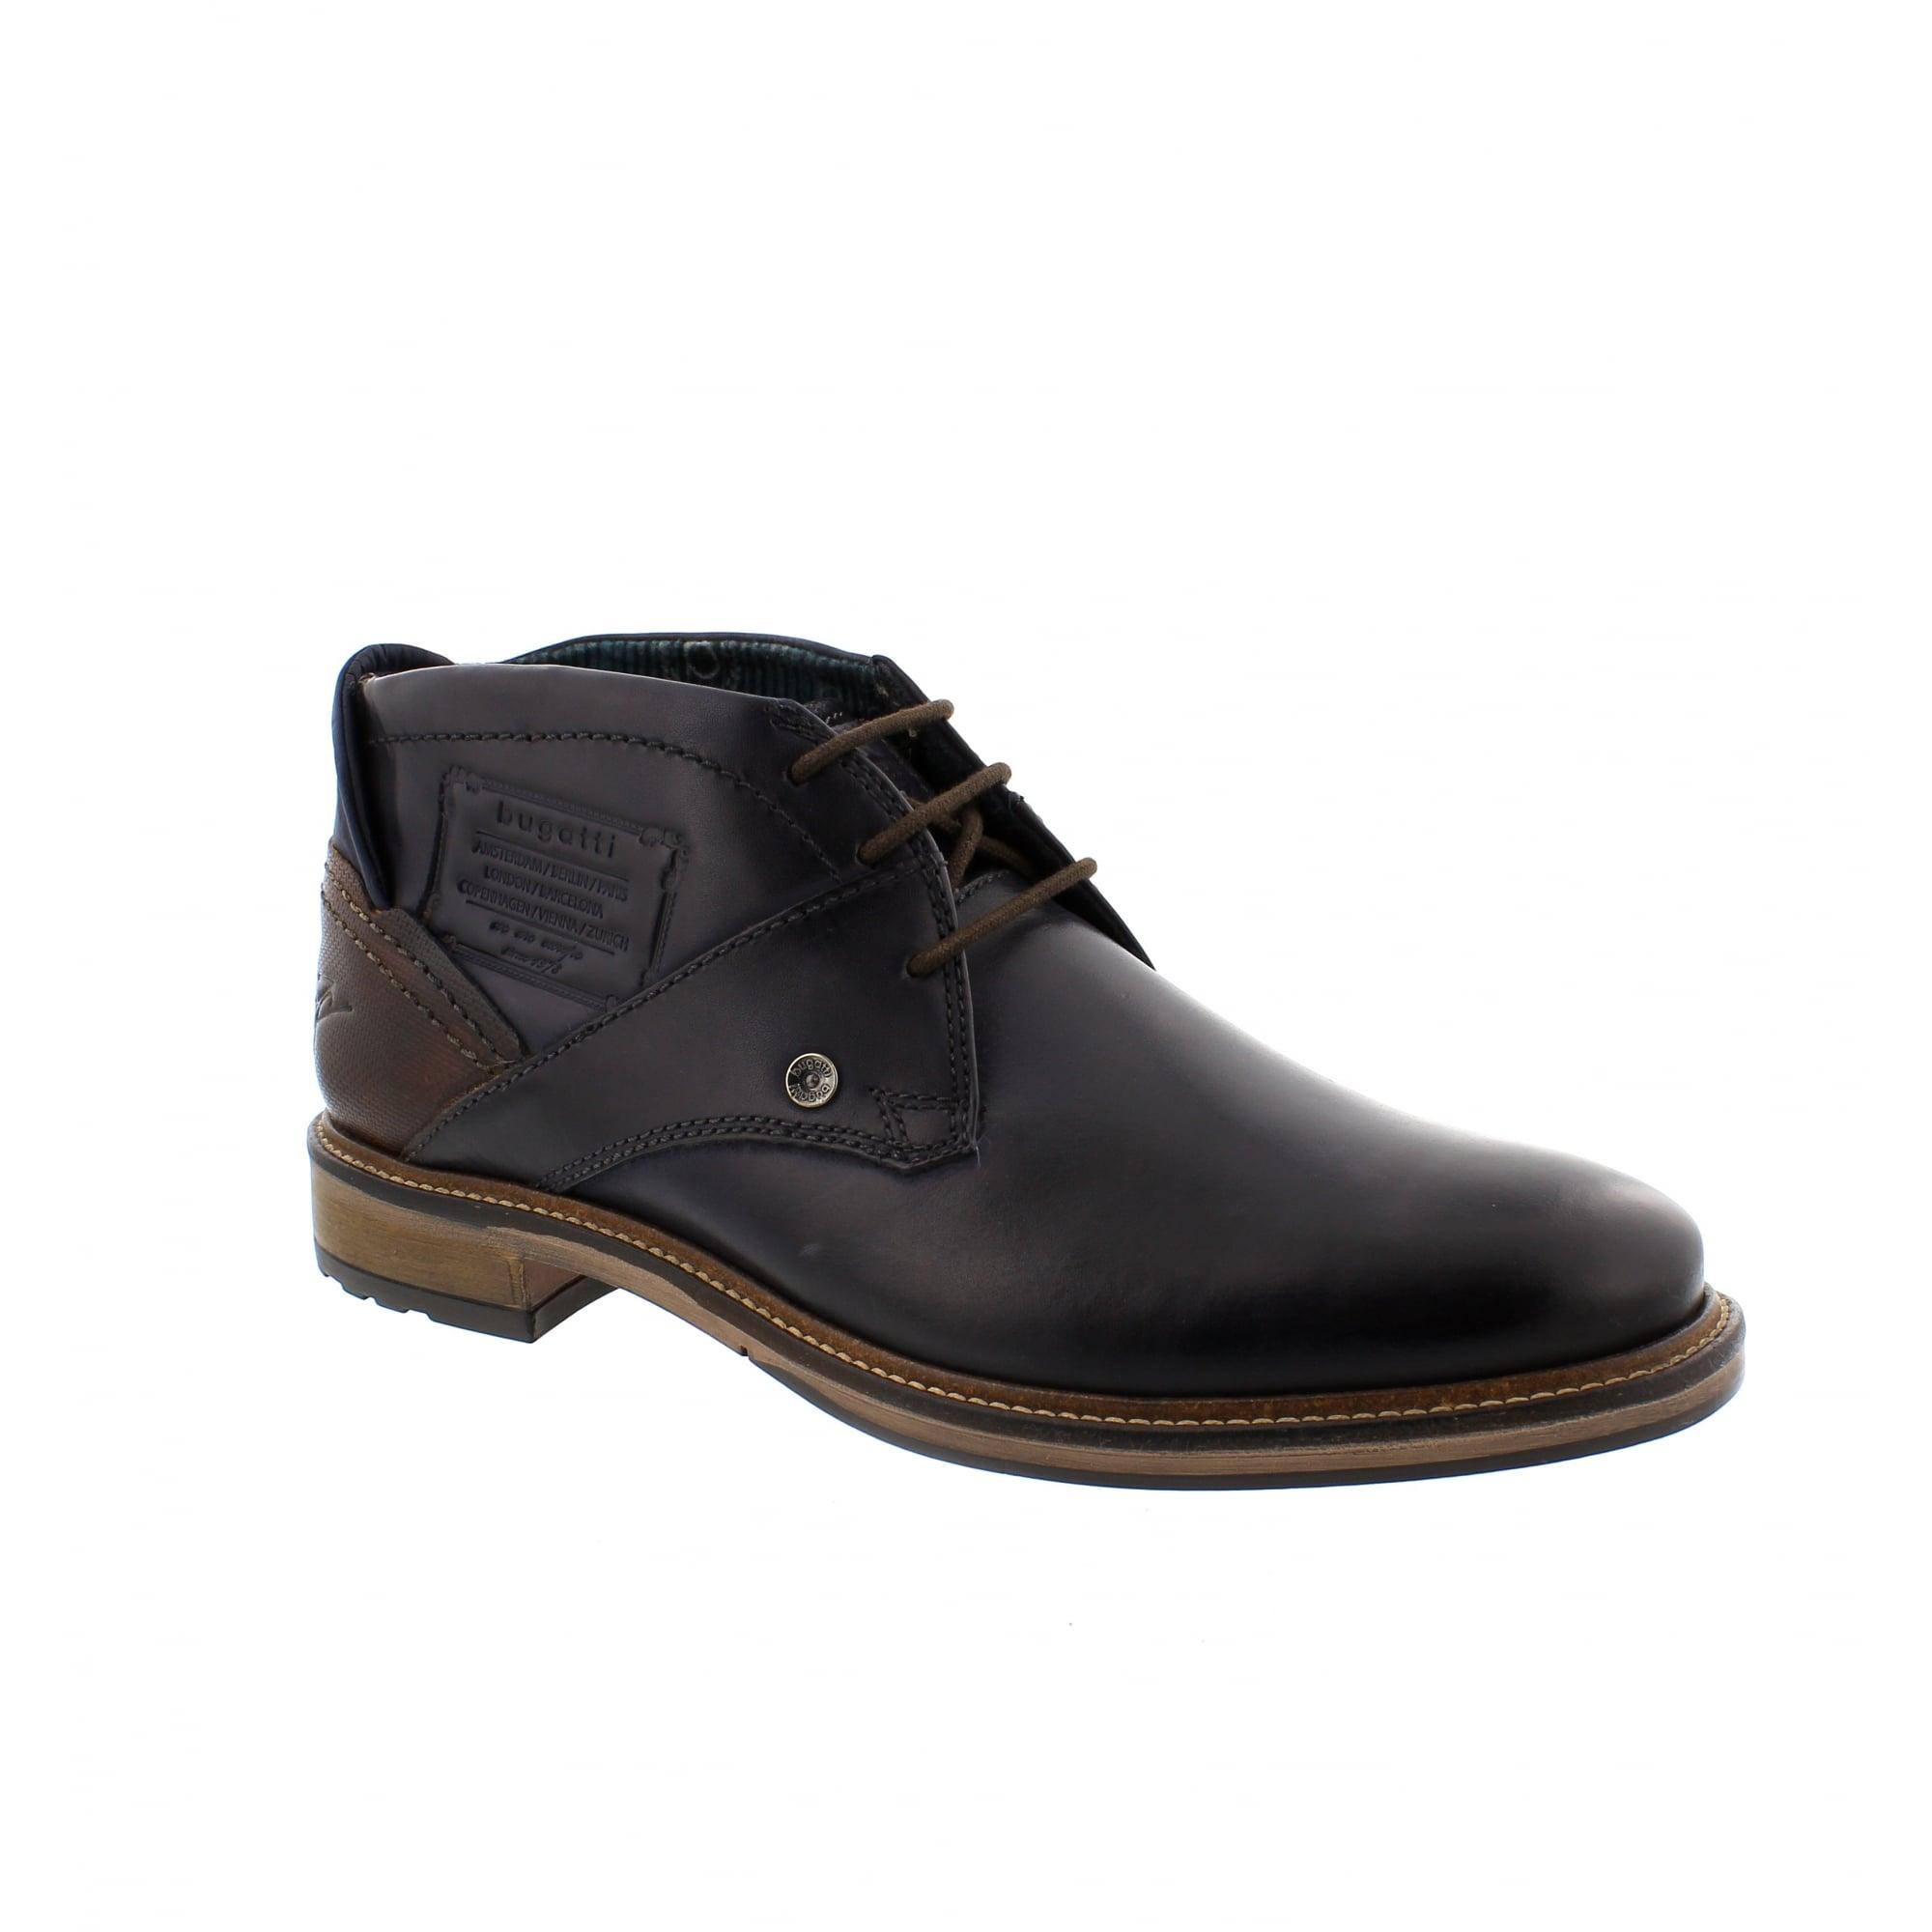 Bugatti Marcello 311 37734 1100 4100 Mens Ankle Boots